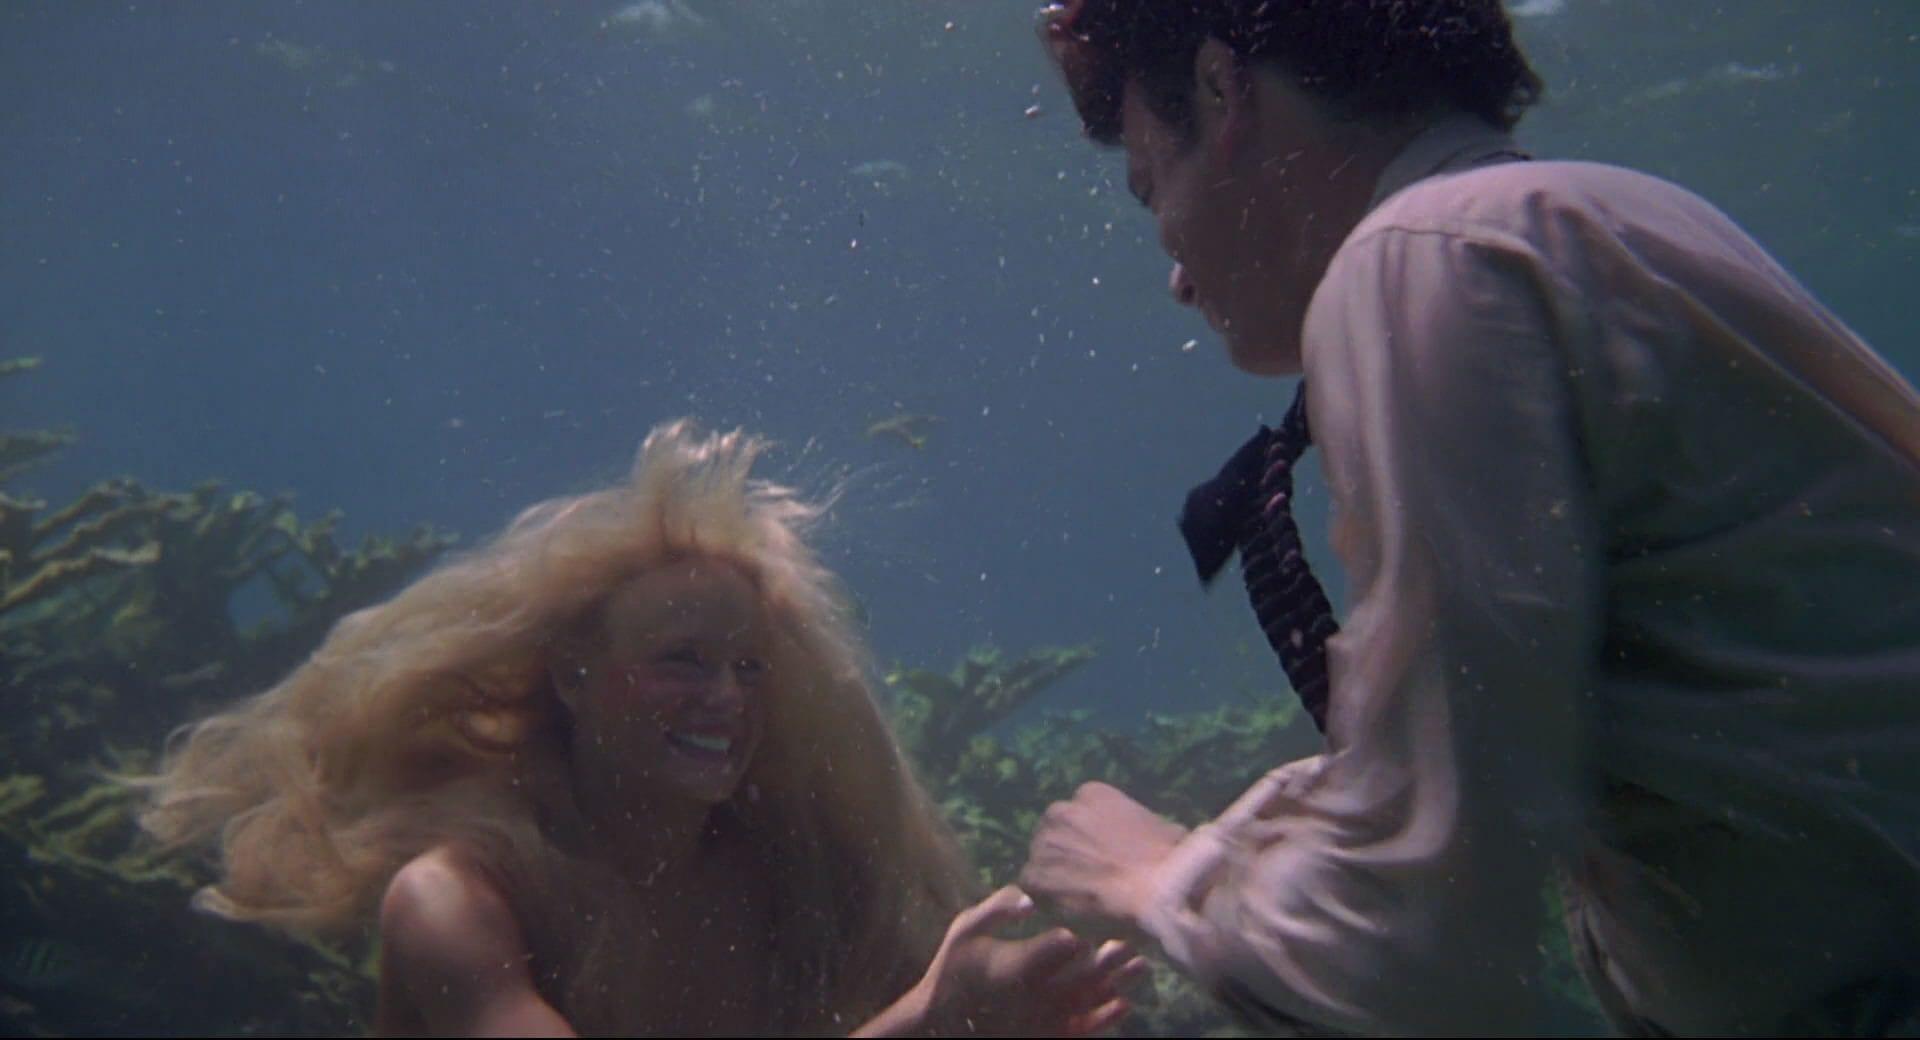 splash daryl hannah underwater tom hanks